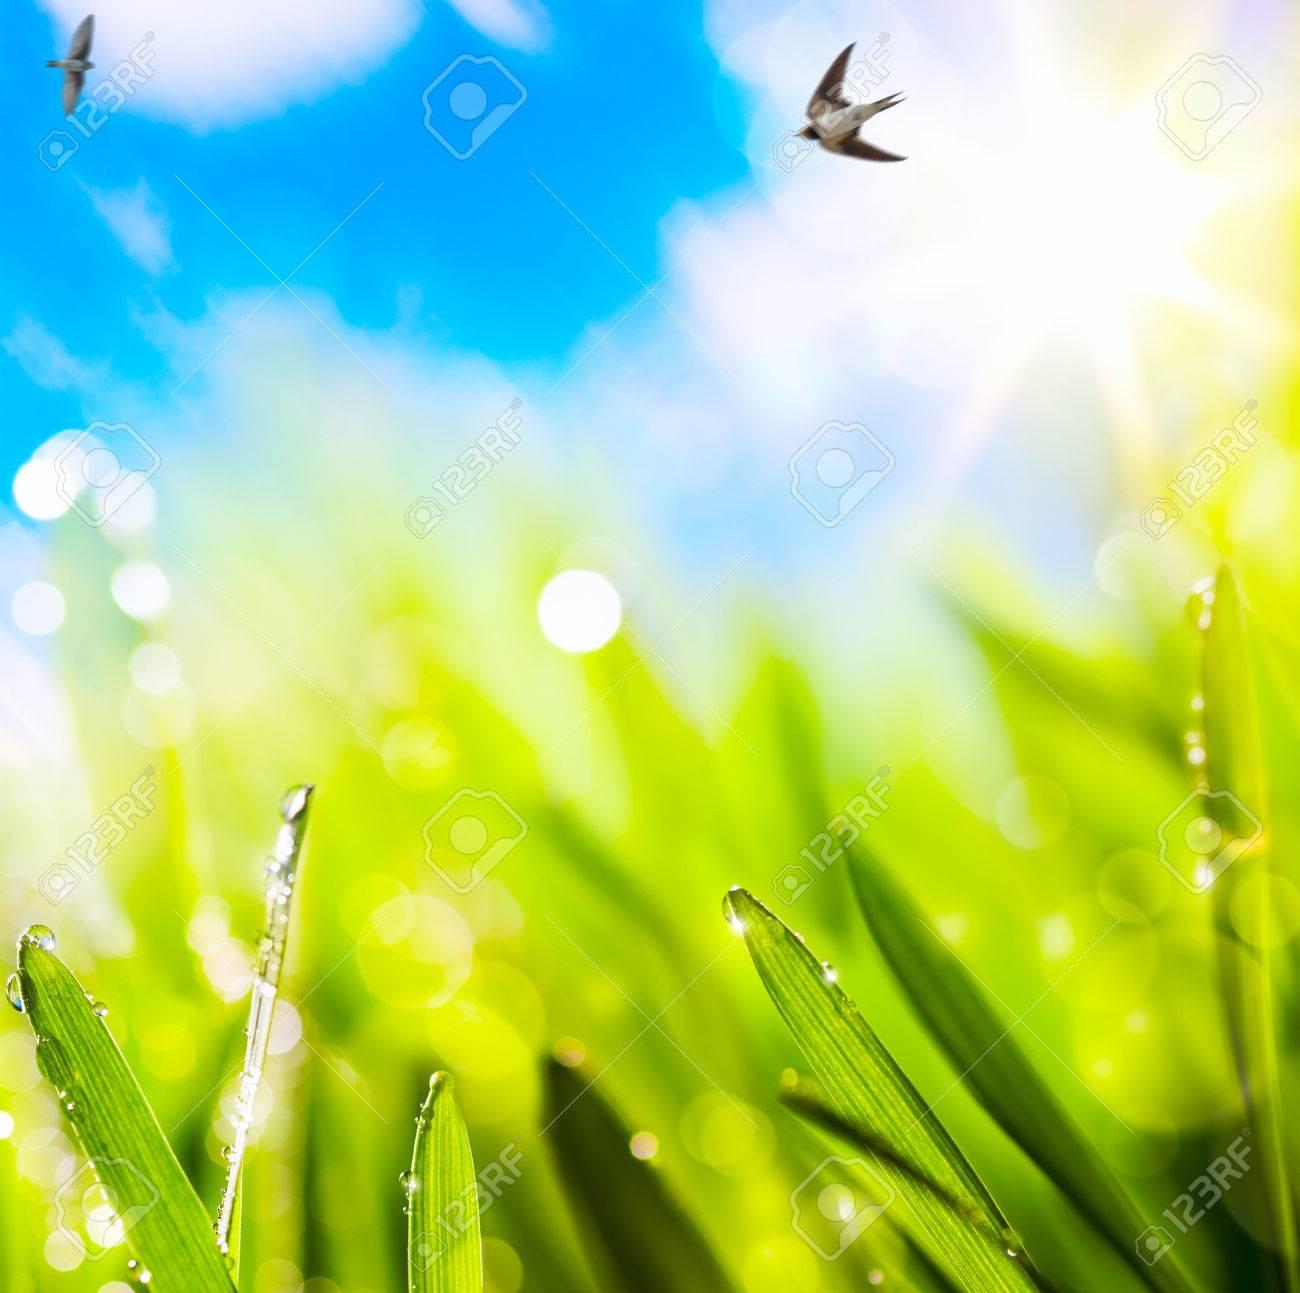 рефераты весной фон Фотография картинки изображения и сток  рефераты весной фон Фото со стока 26084200